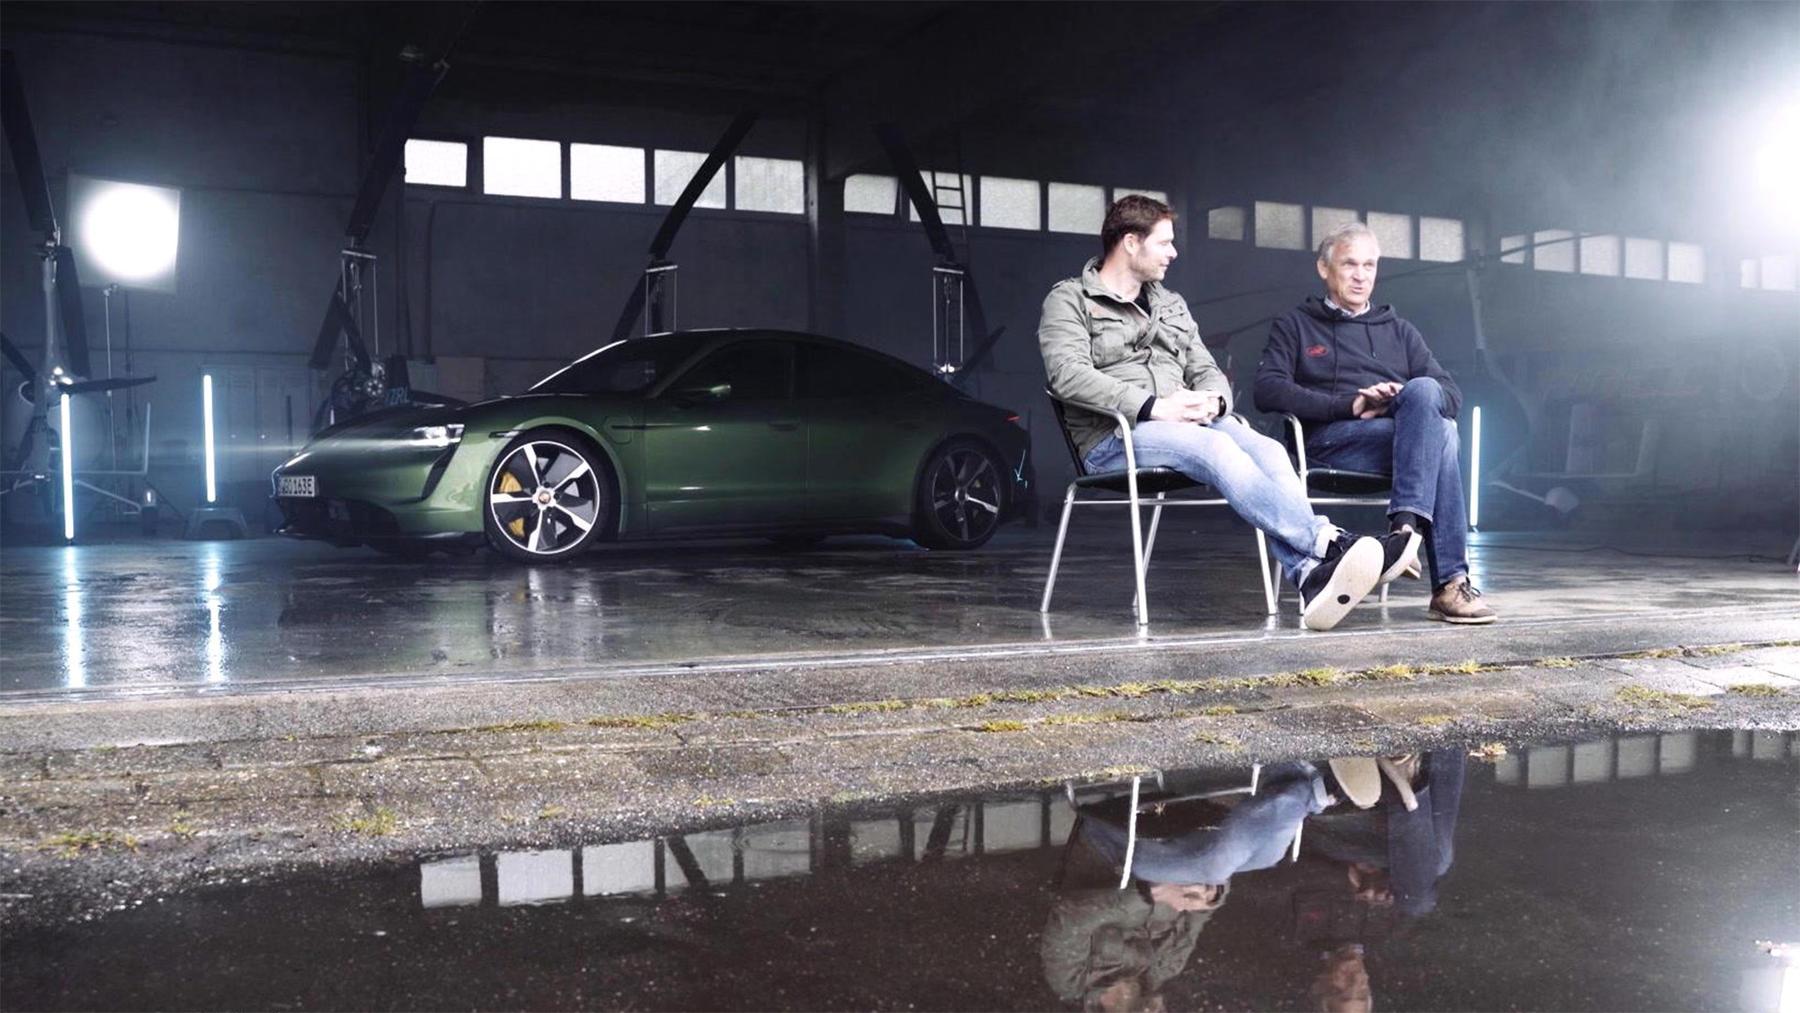 Thema heute u.a.: Vergleichstest Sportwagen